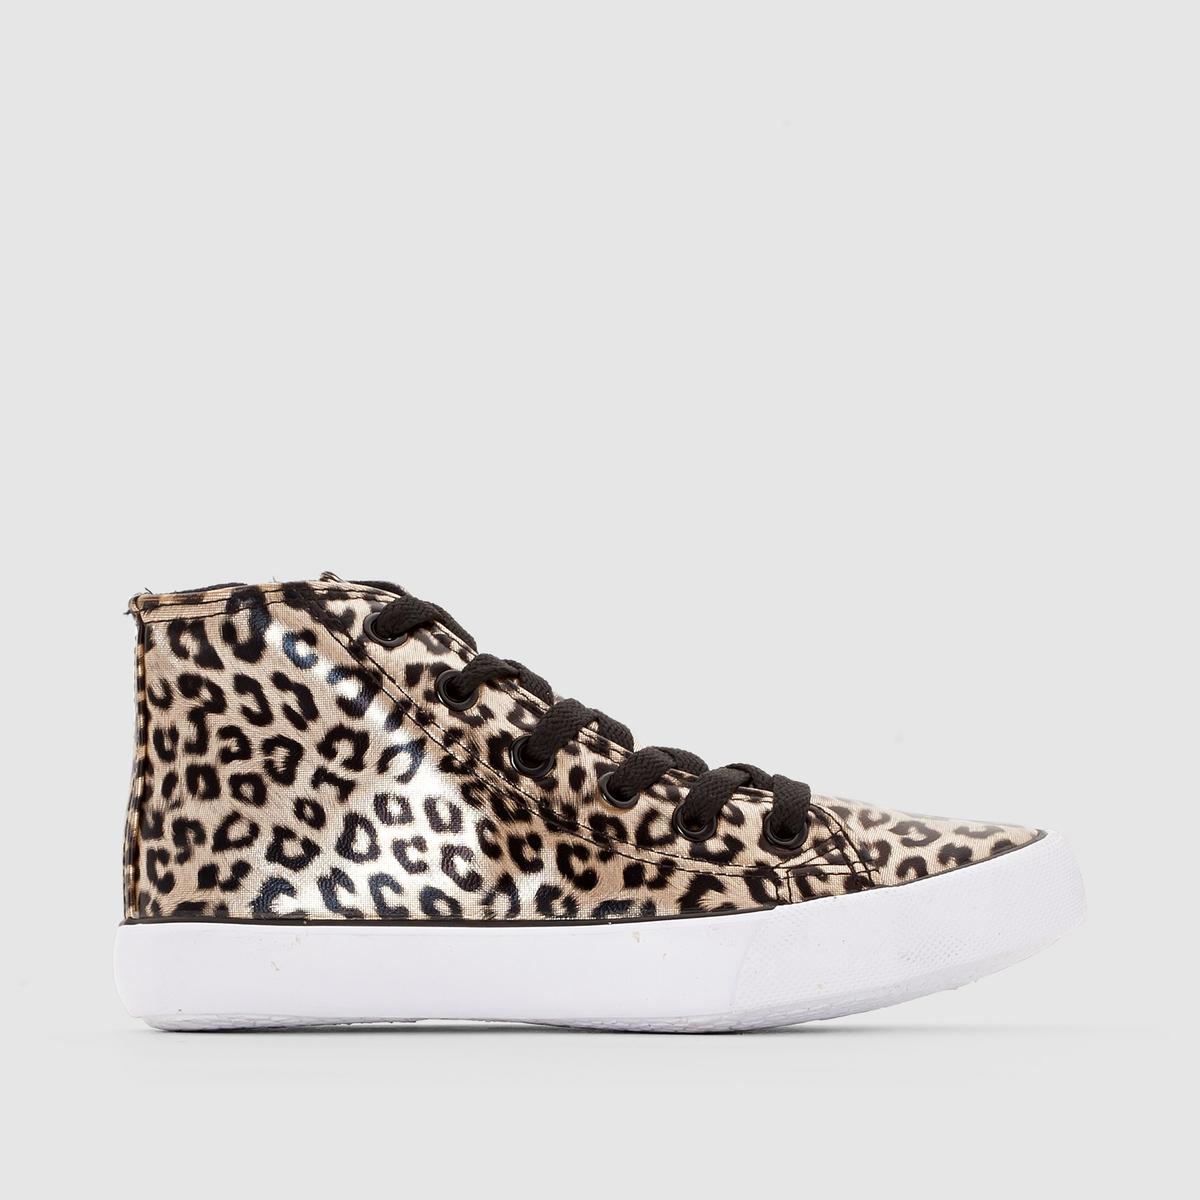 Кеды высокие с леопардовым принтомЭти высокие кеды на молнии с леопардовым принтом выглядят модно и подходят к любой одежде !<br><br>Цвет: леопардовый рисунок<br>Размер: 34